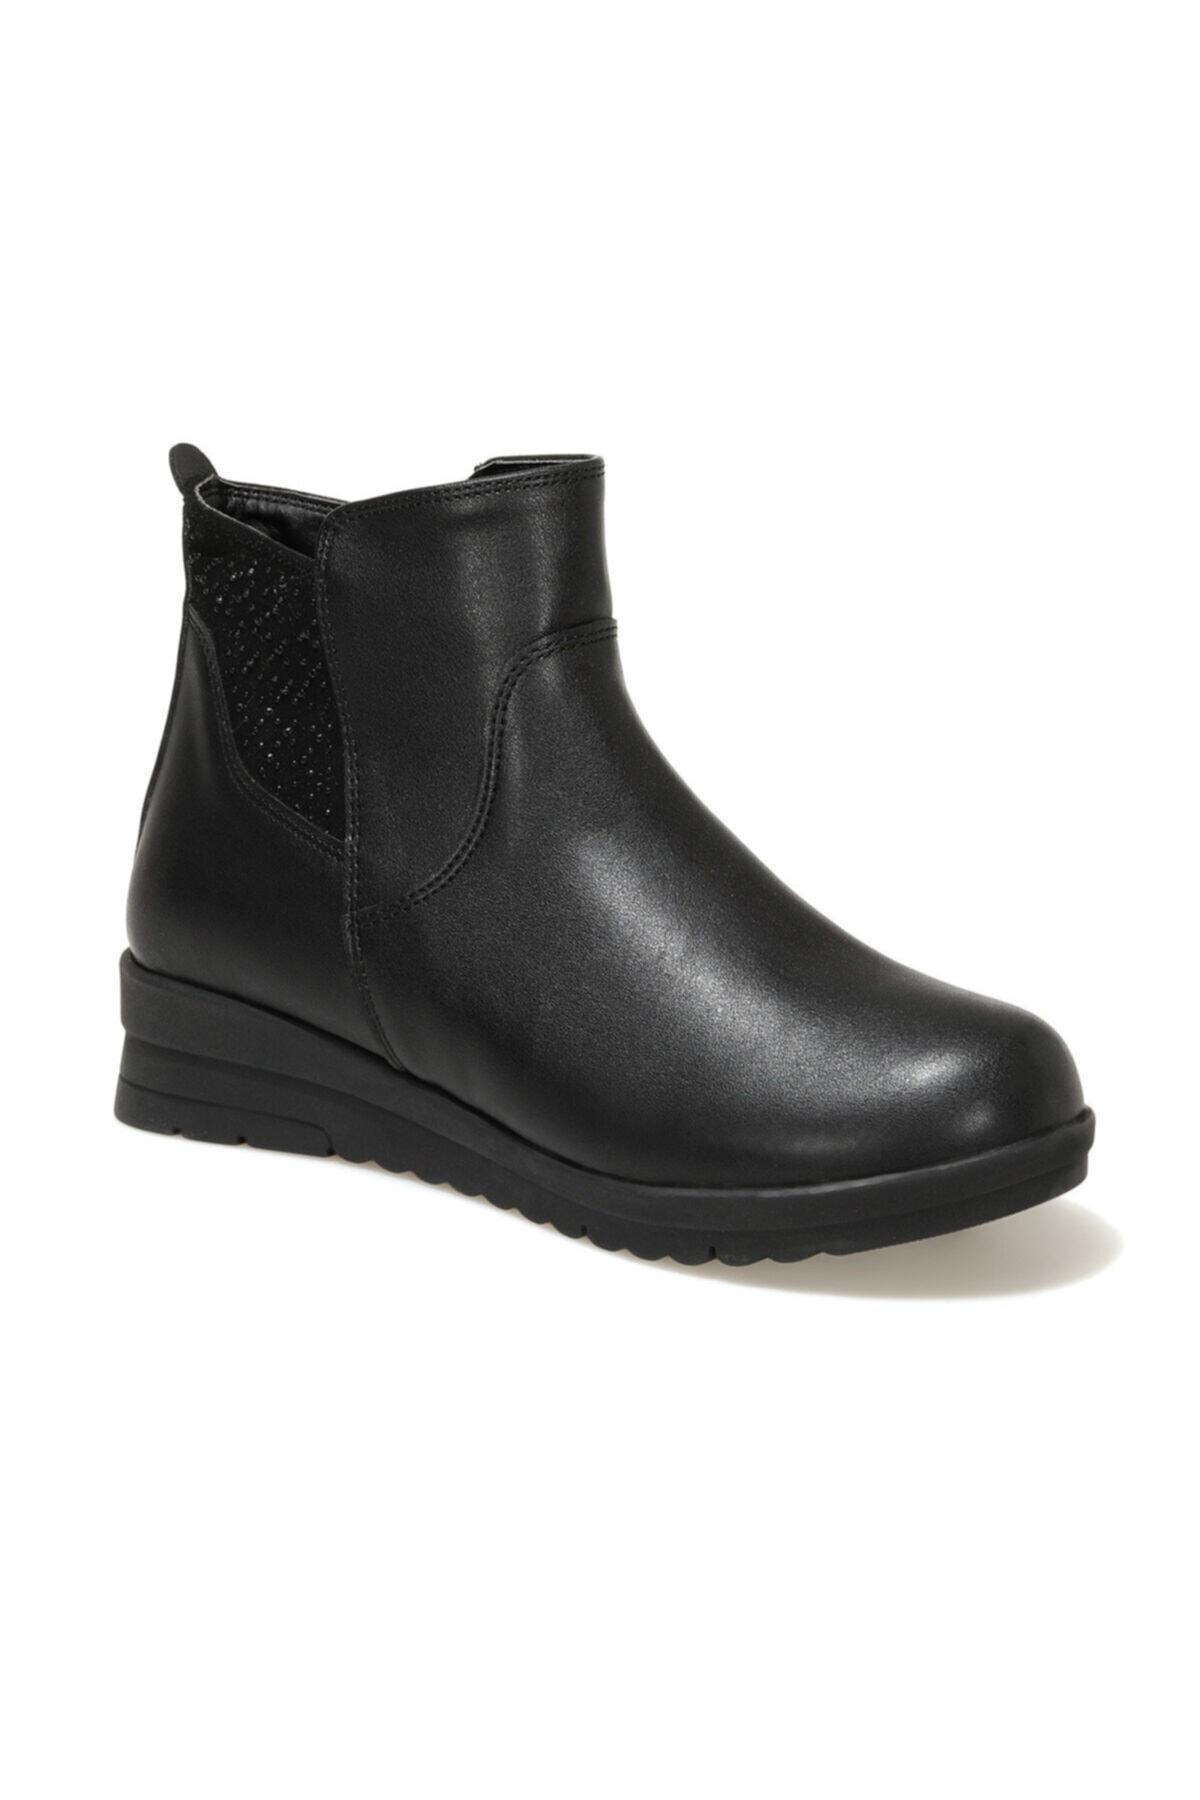 161401.Z Siyah Kadın Comfort Ayakkabı 100548522